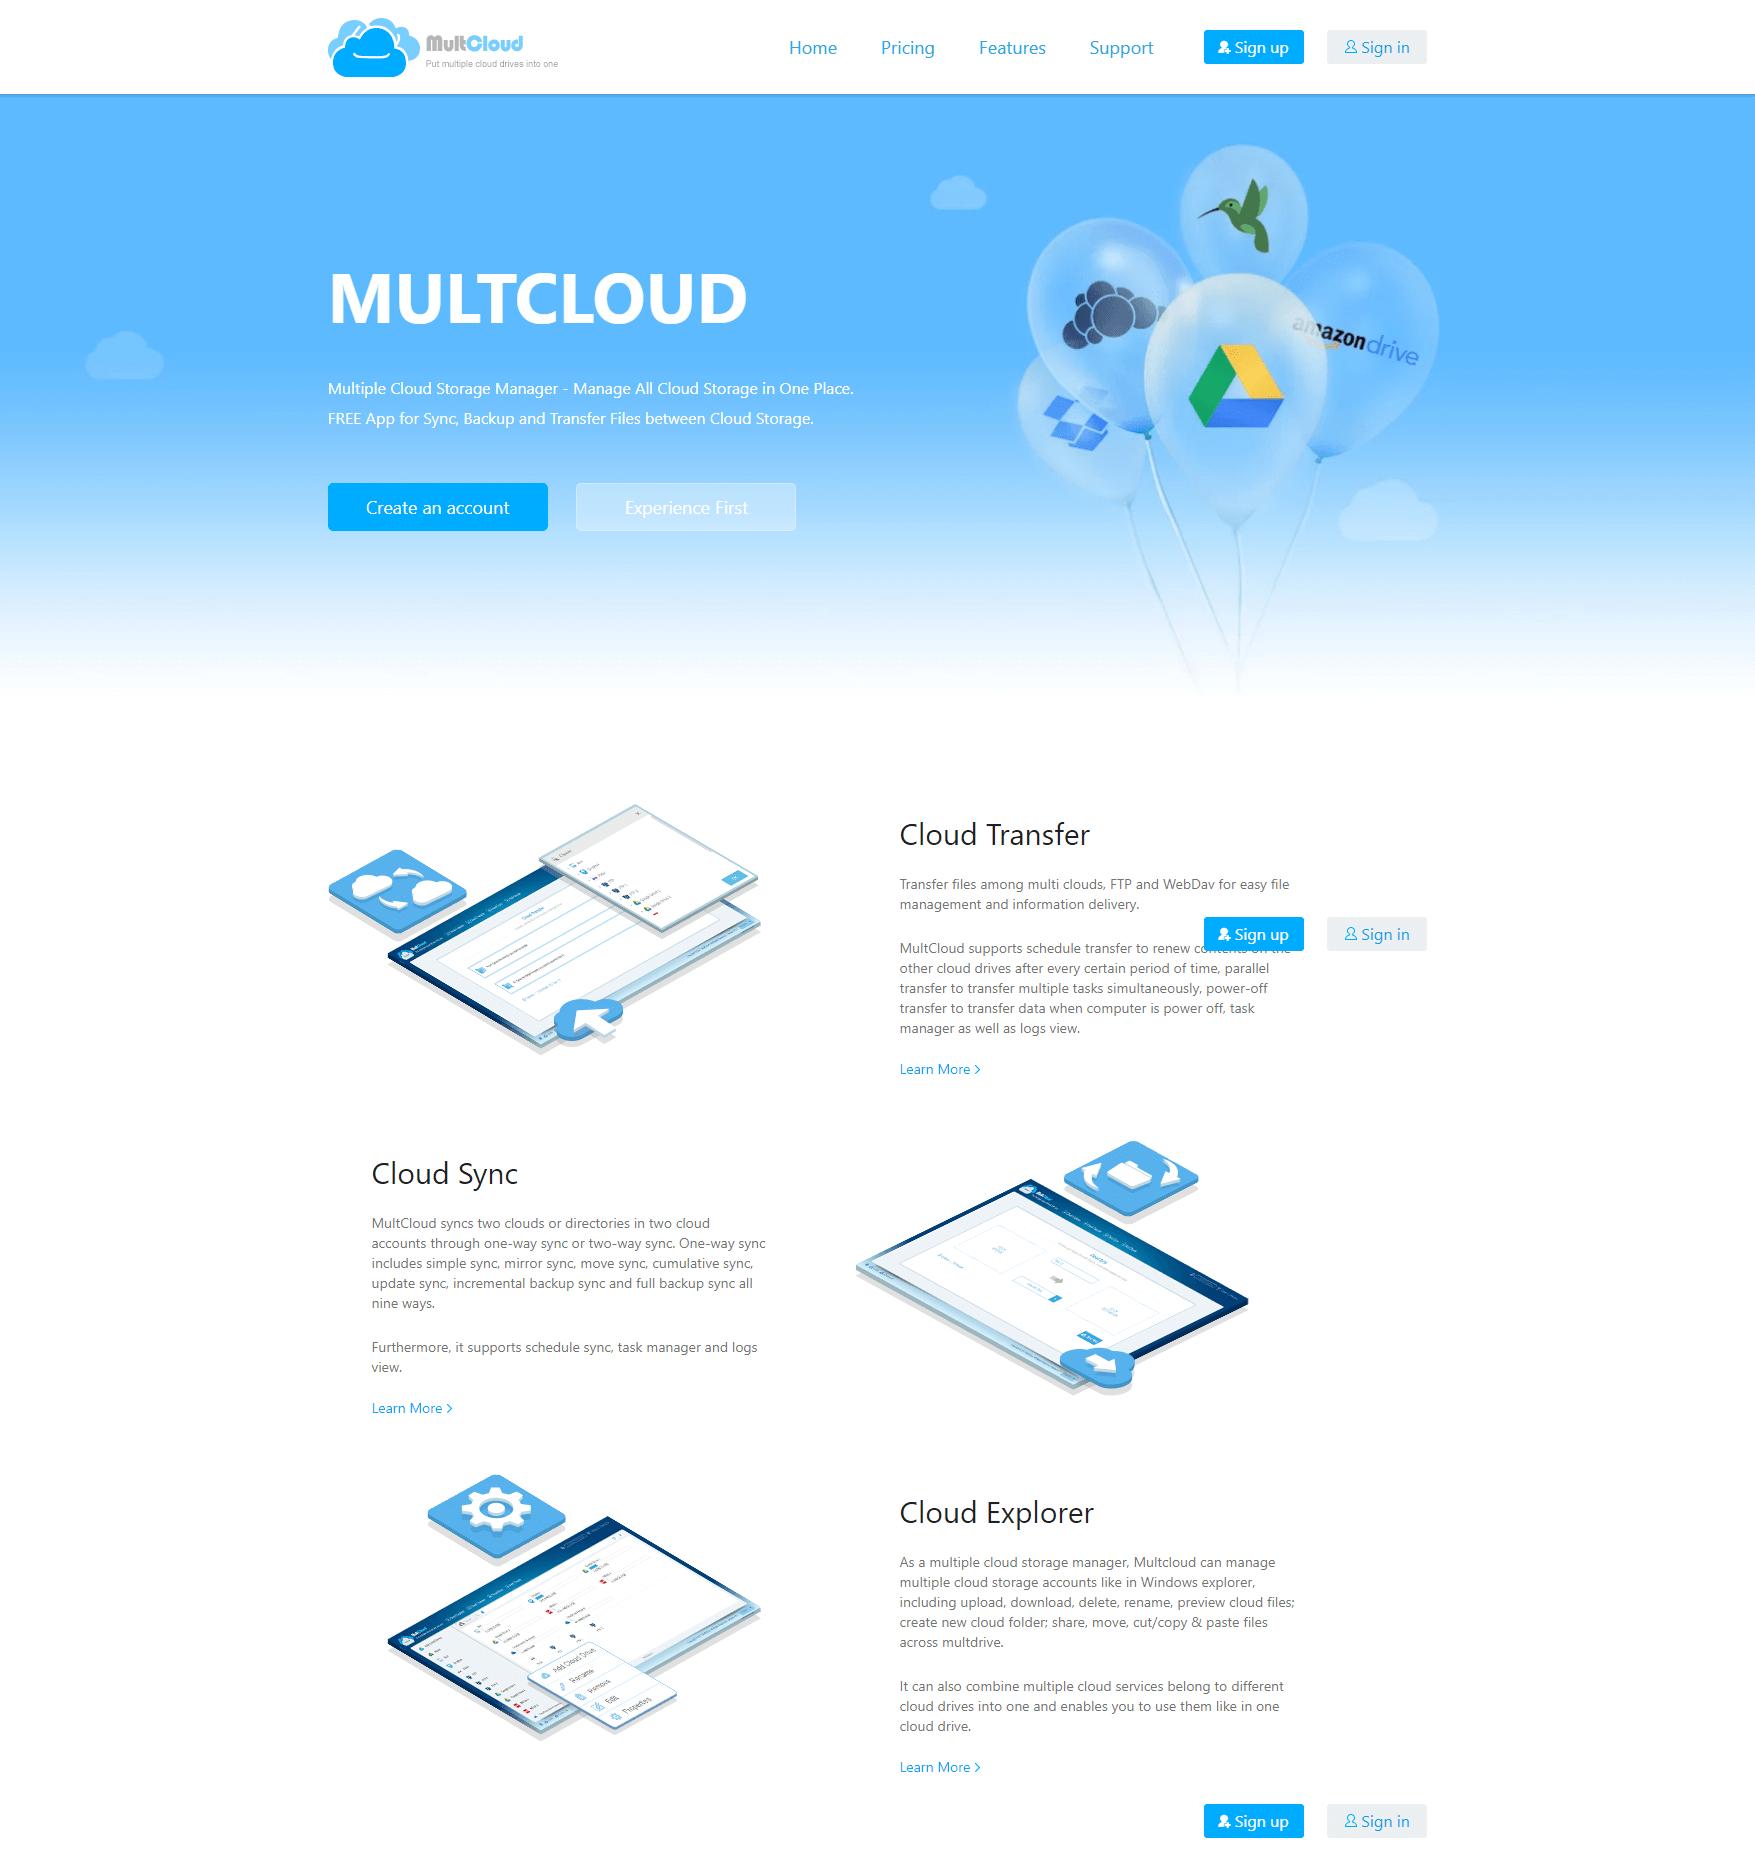 Multcloud Review - August 2019 - Cloudee Reviews